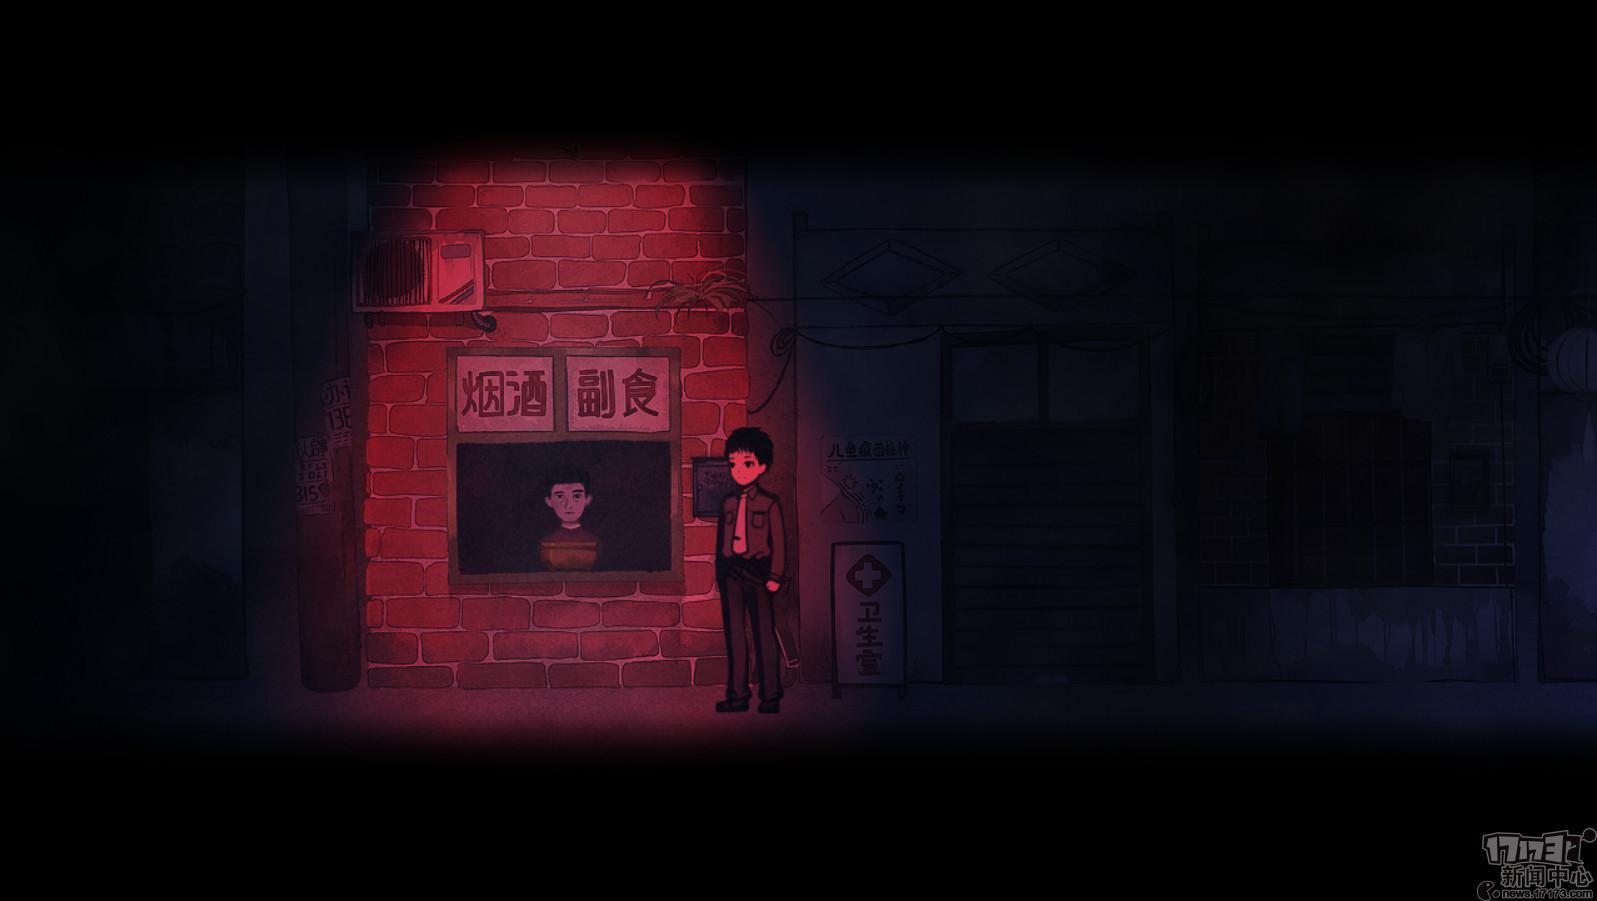 中式恐怖解谜游戏《烟火》将于7